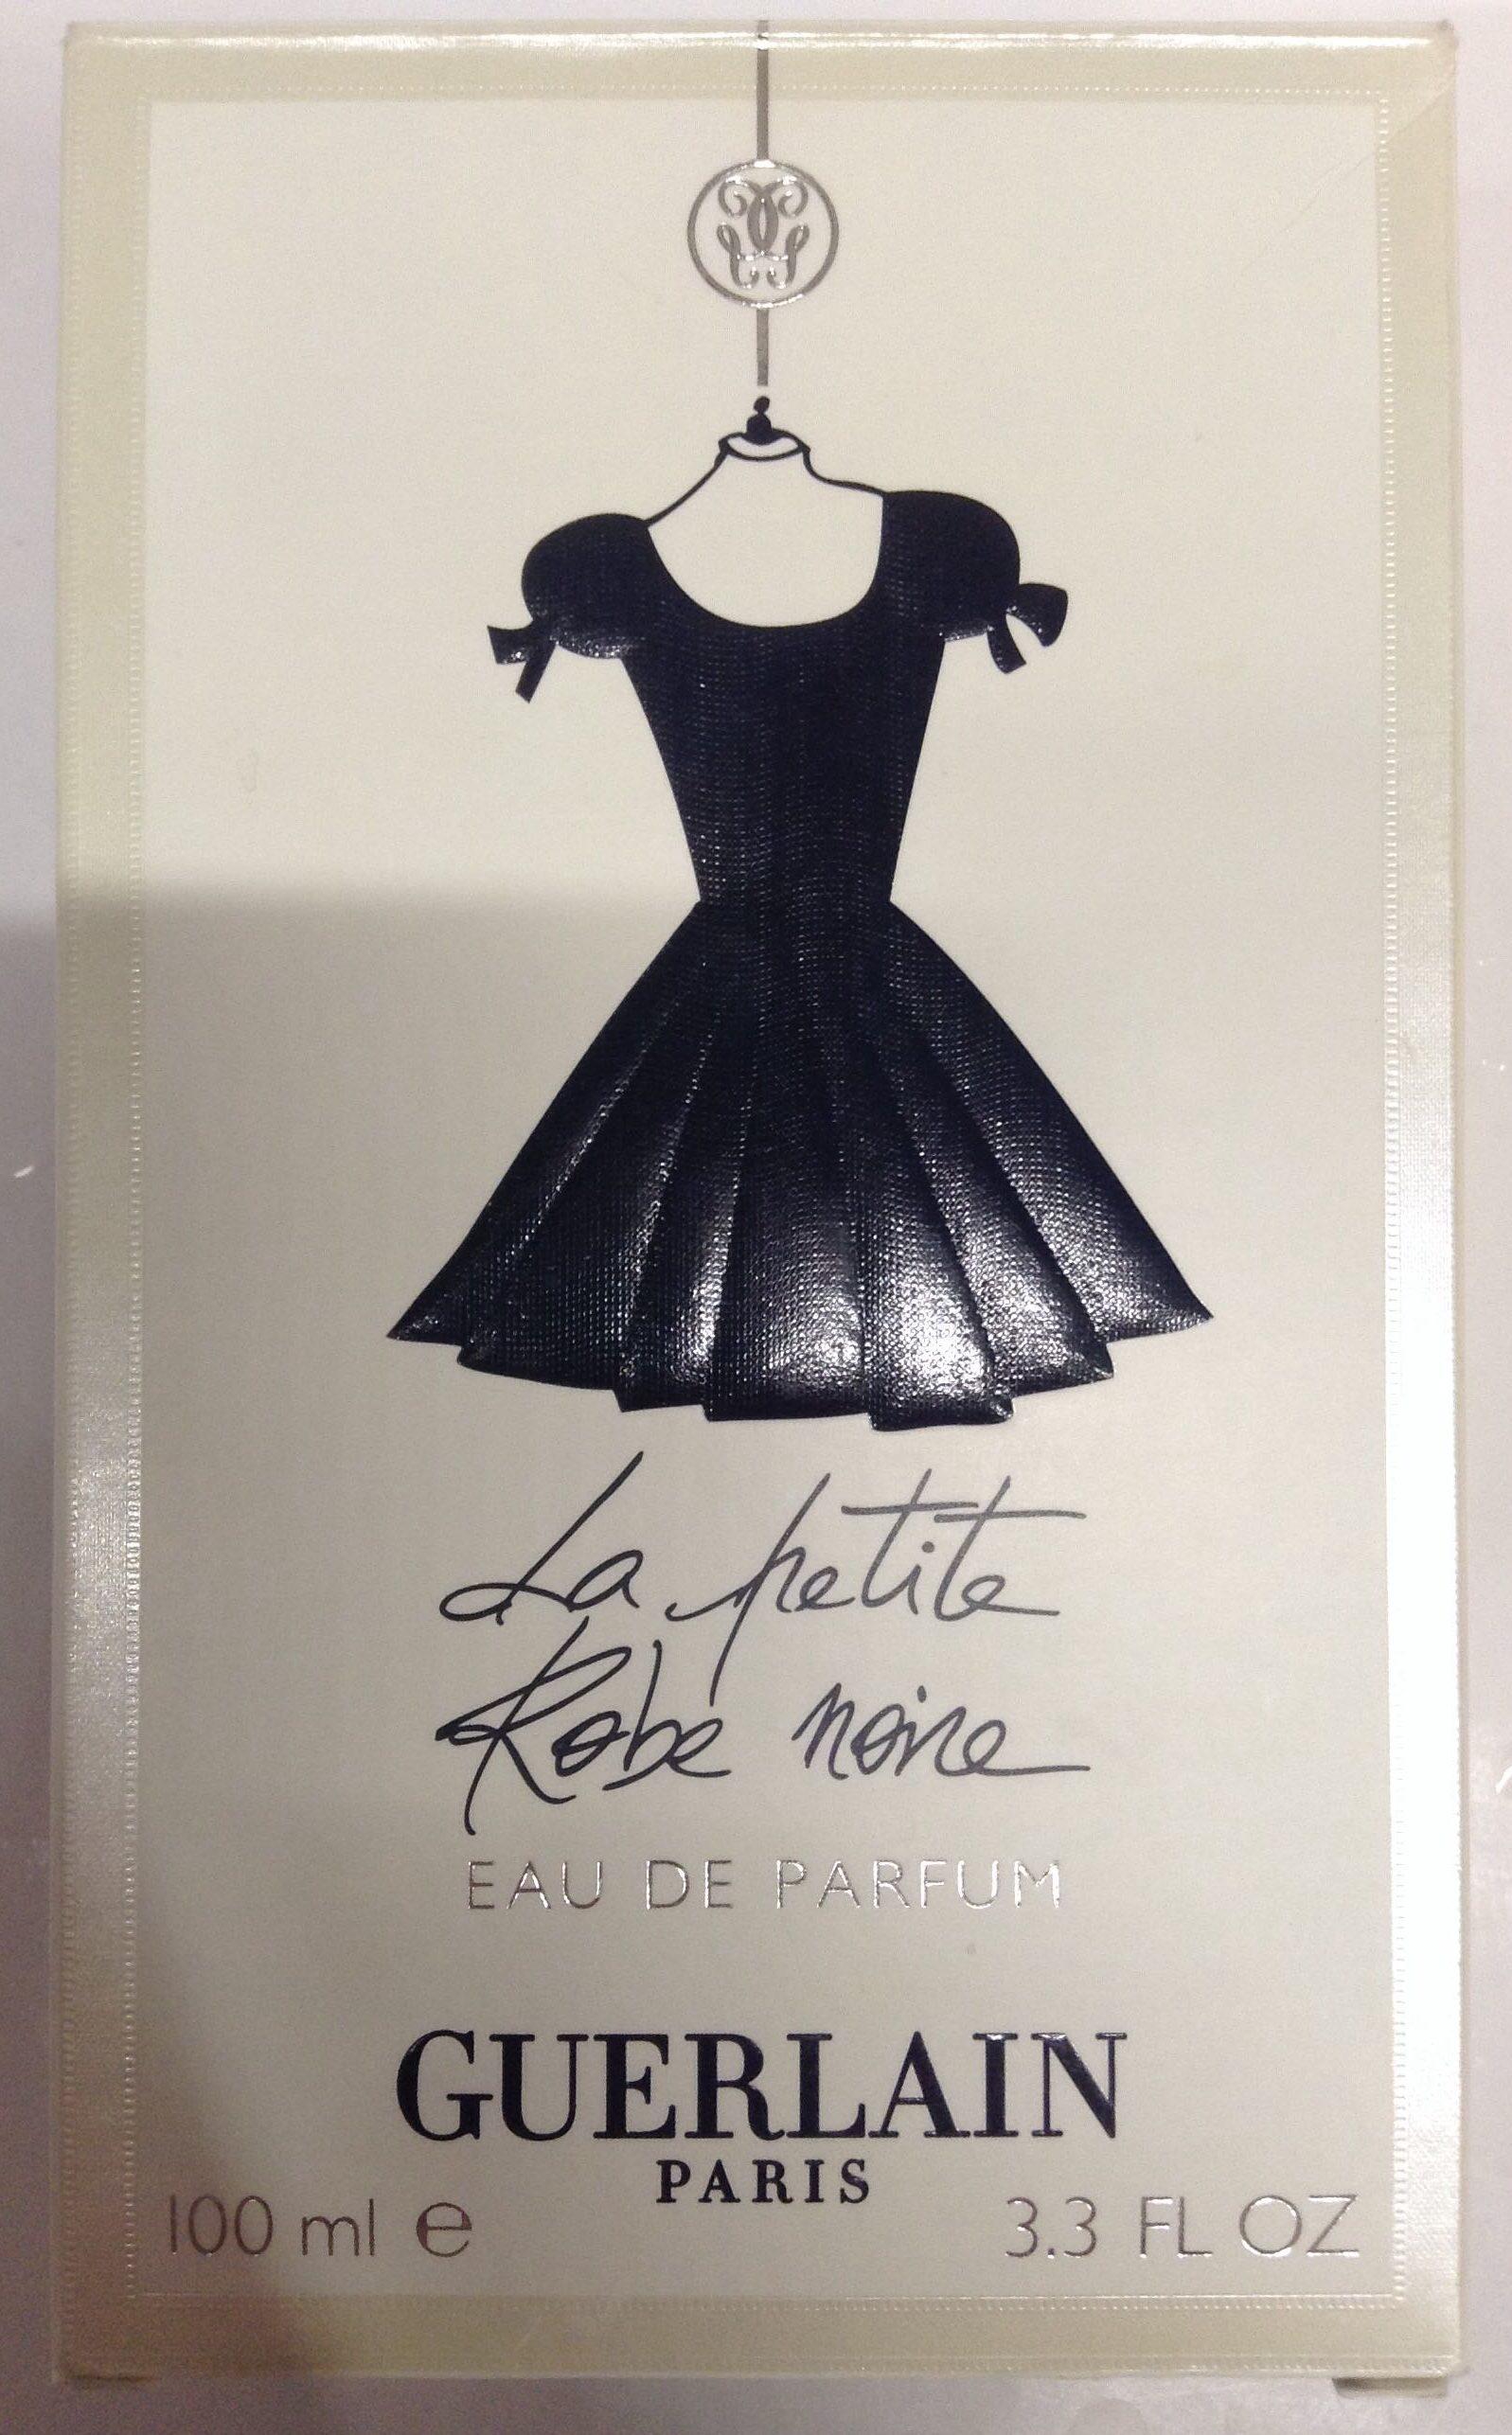 La petite robe noire eau de parfum - Product